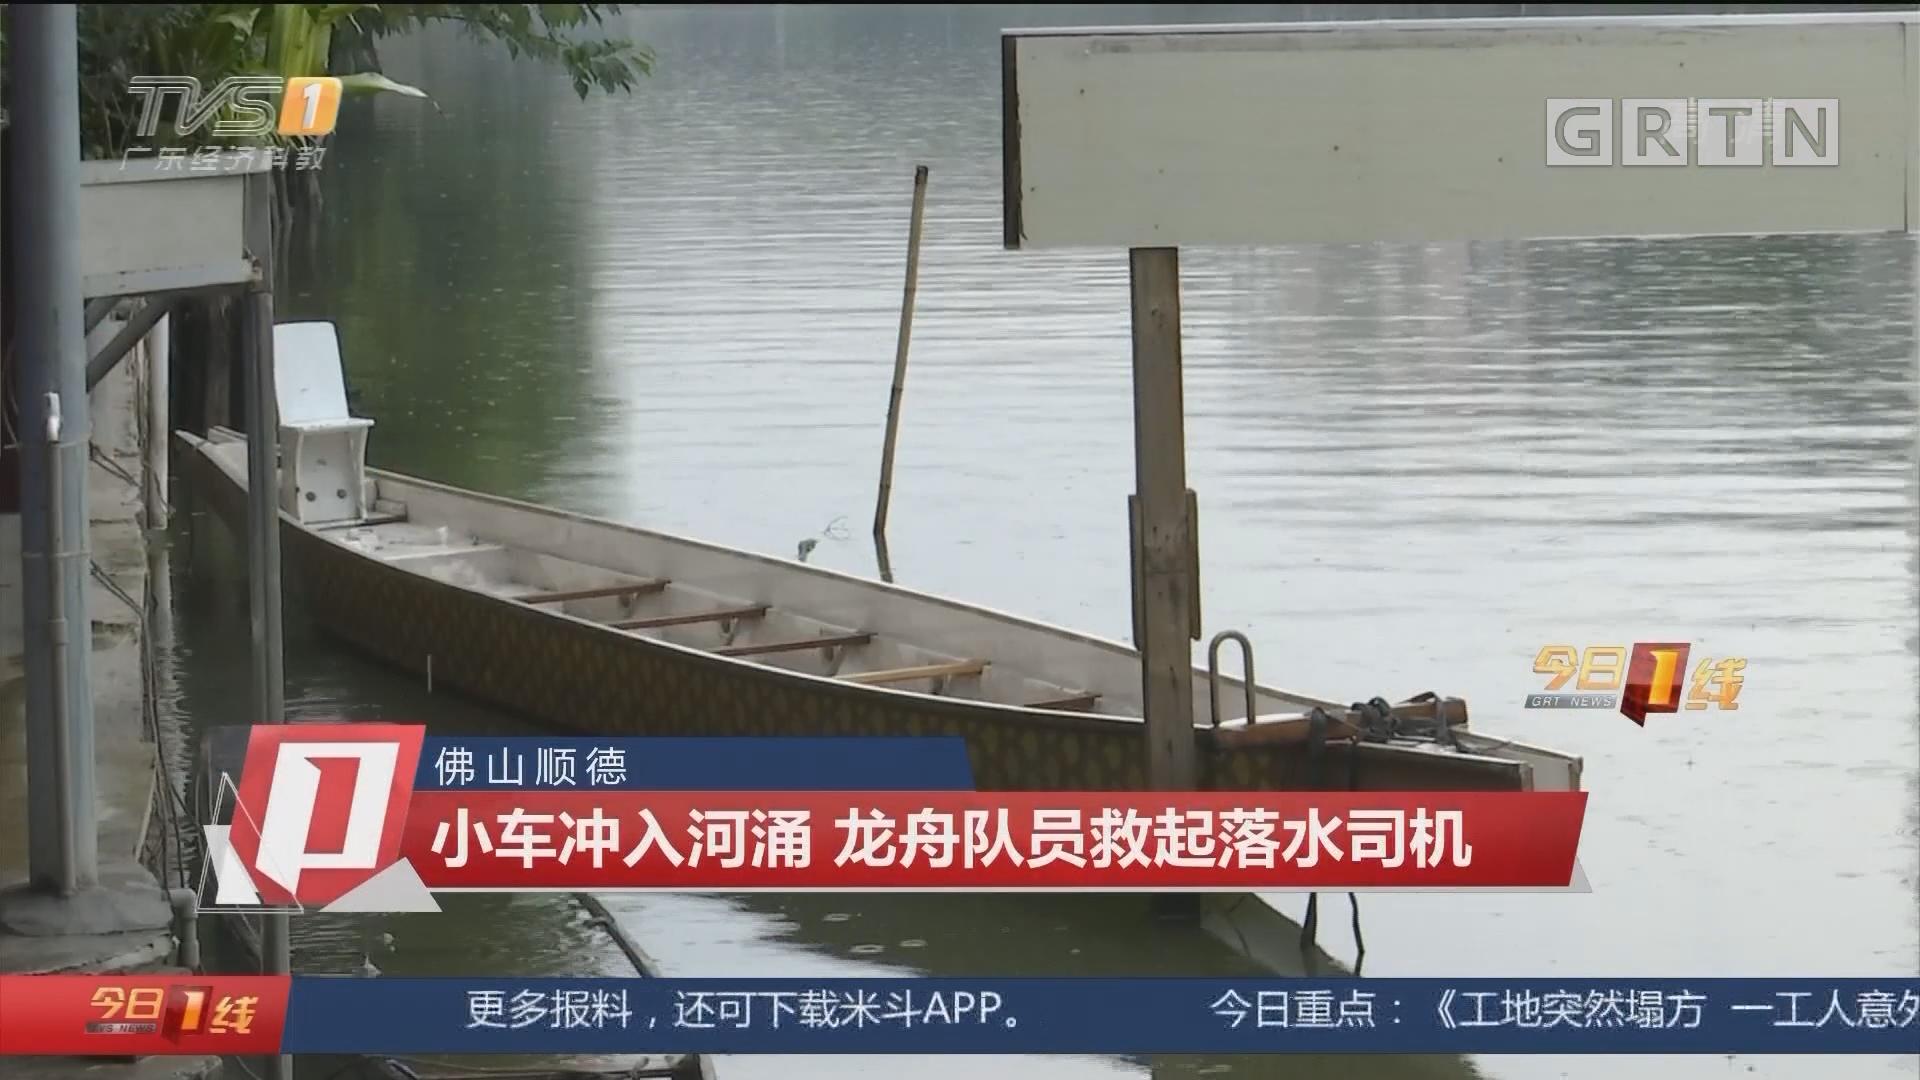 佛山顺德:小车冲入河涌 龙舟队员救起落水司机